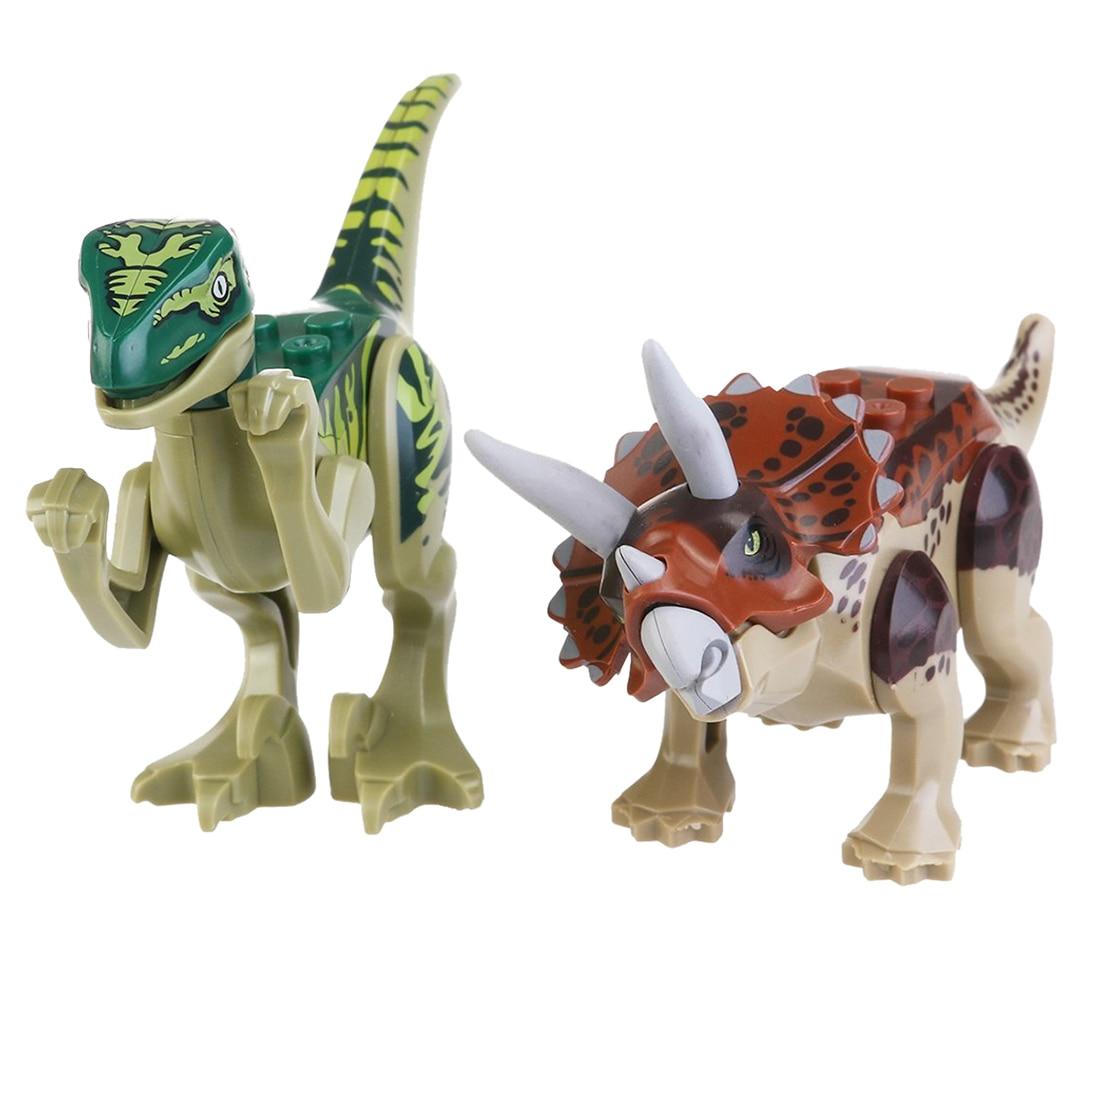 Aliexpresscom Beli Blok Bangunan Mainan Jurassic Park Dinosaur Figure Dinosaurus Dino World Dunia 8 Pcs Dari Handal Pemasok Di Love City